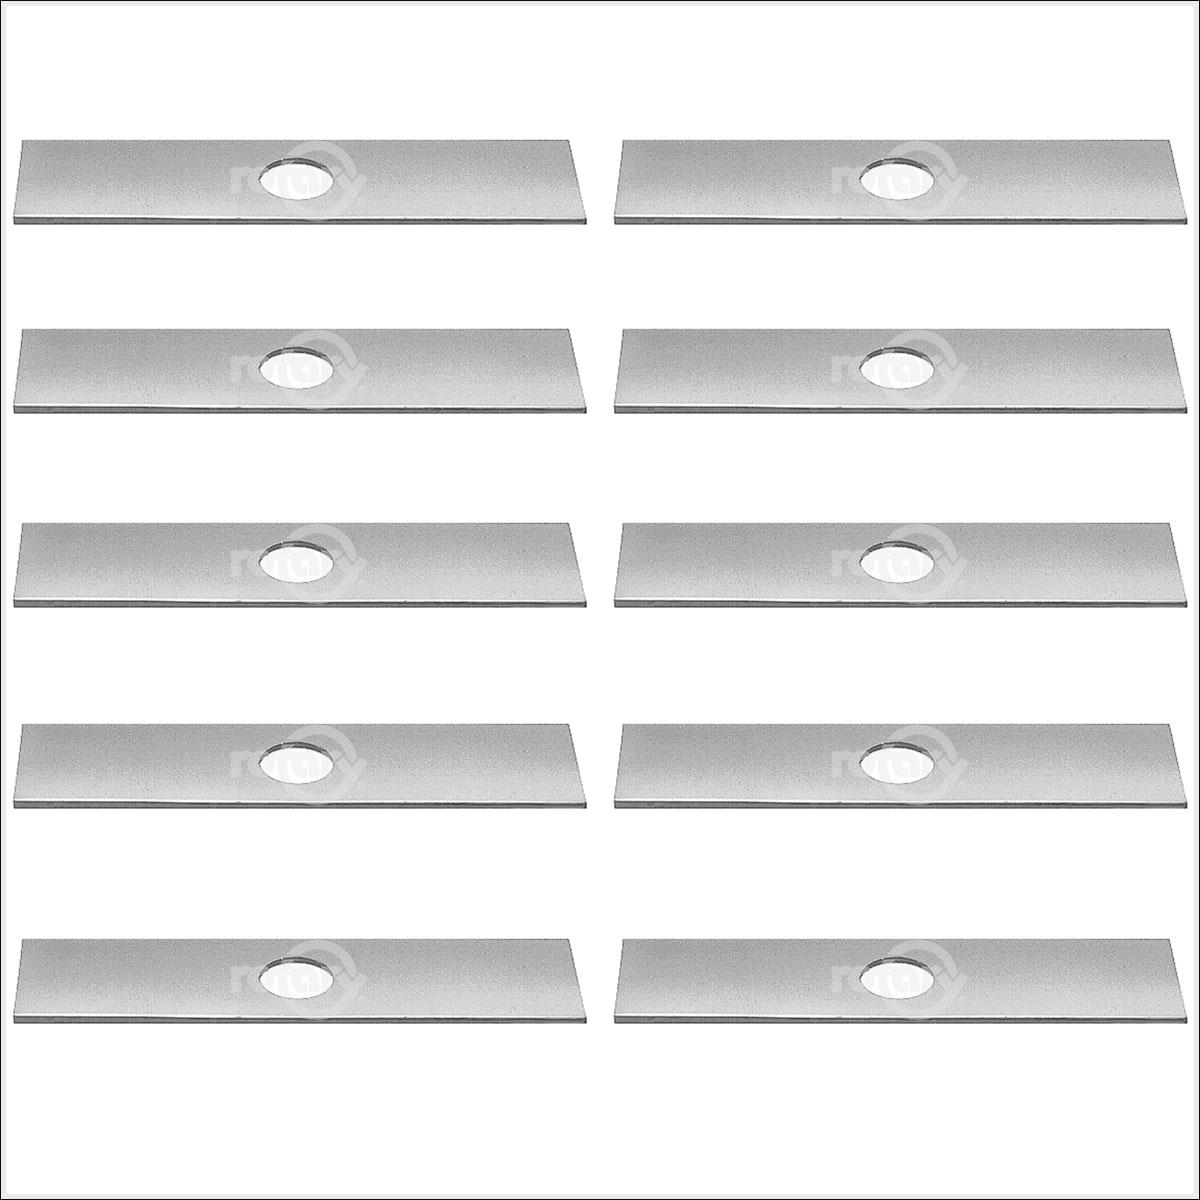 10 Pack - Rotary Edger Blade 7-11/16